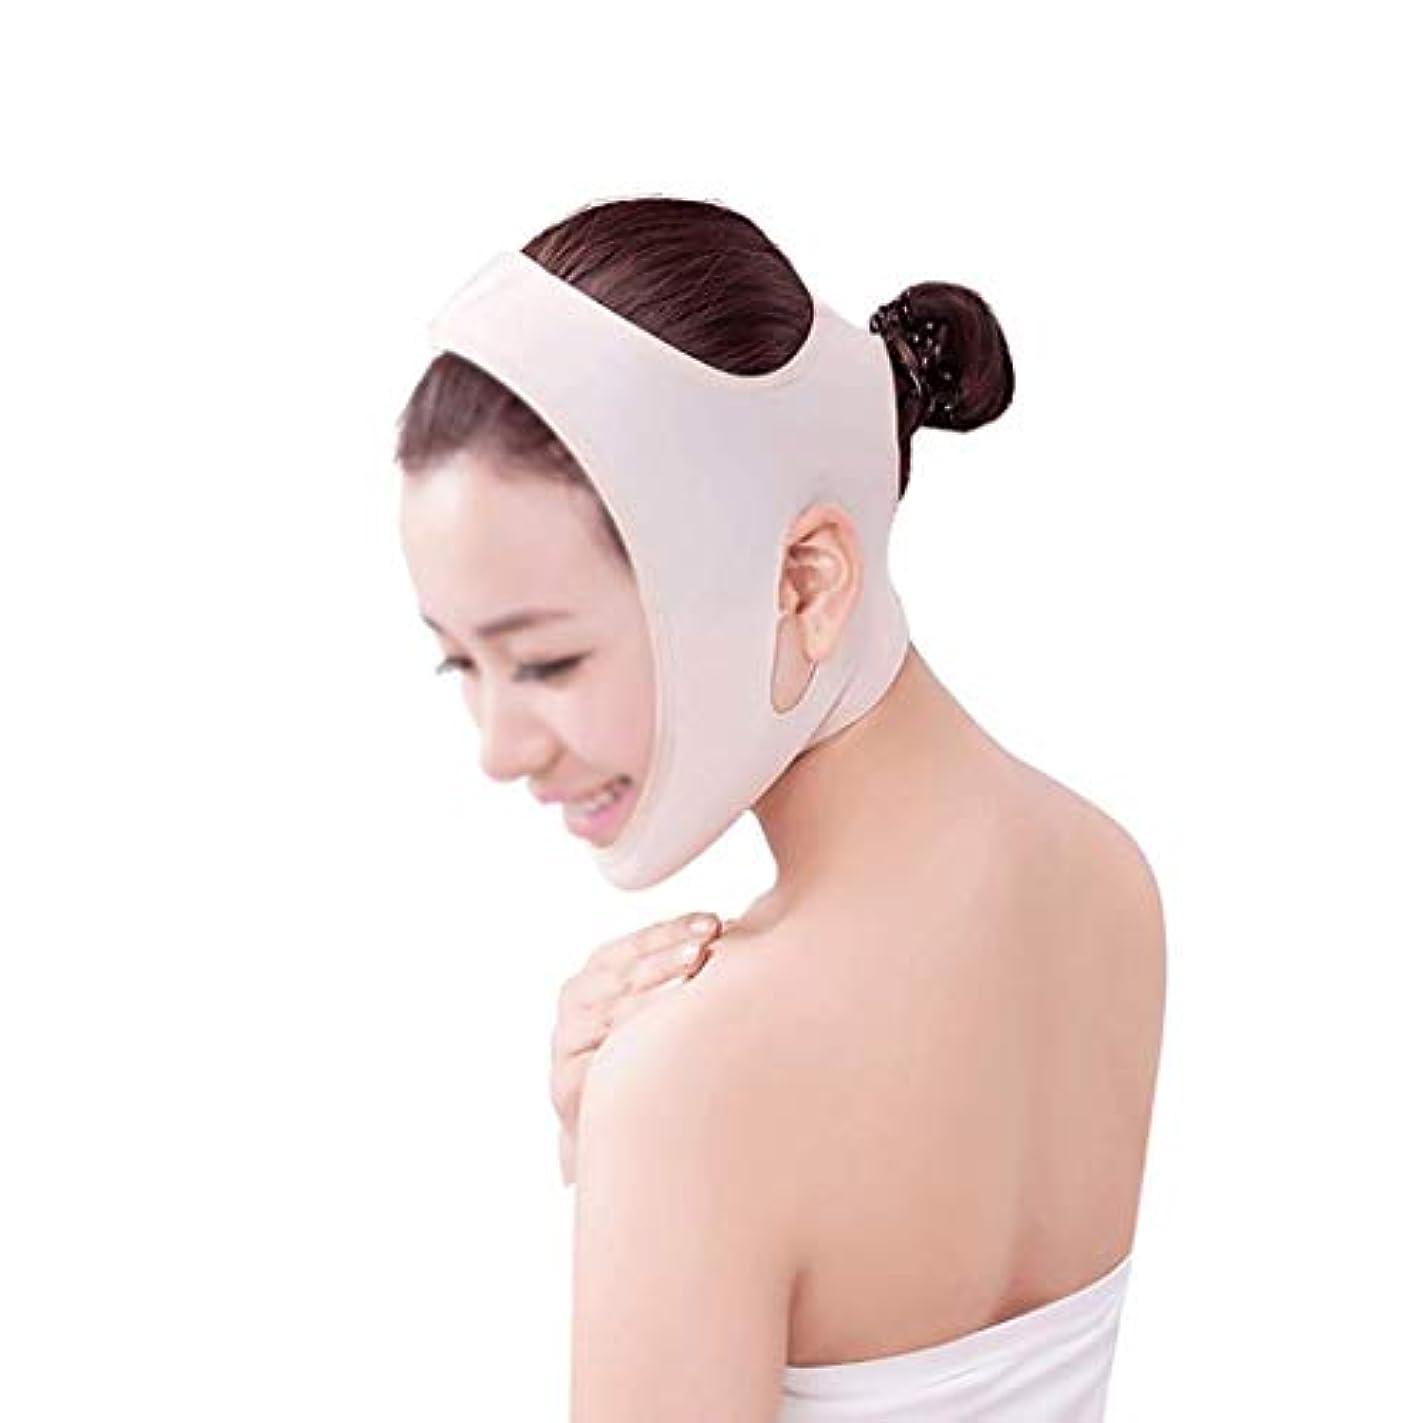 きつく連続的受動的フェイス&ネックリフト術後弾性セット美容マスク小Vフェイスアーティファクトタイトリフティングエラスティックバンドリフティングフェイスシンフェイス包帯(サイズ:L)